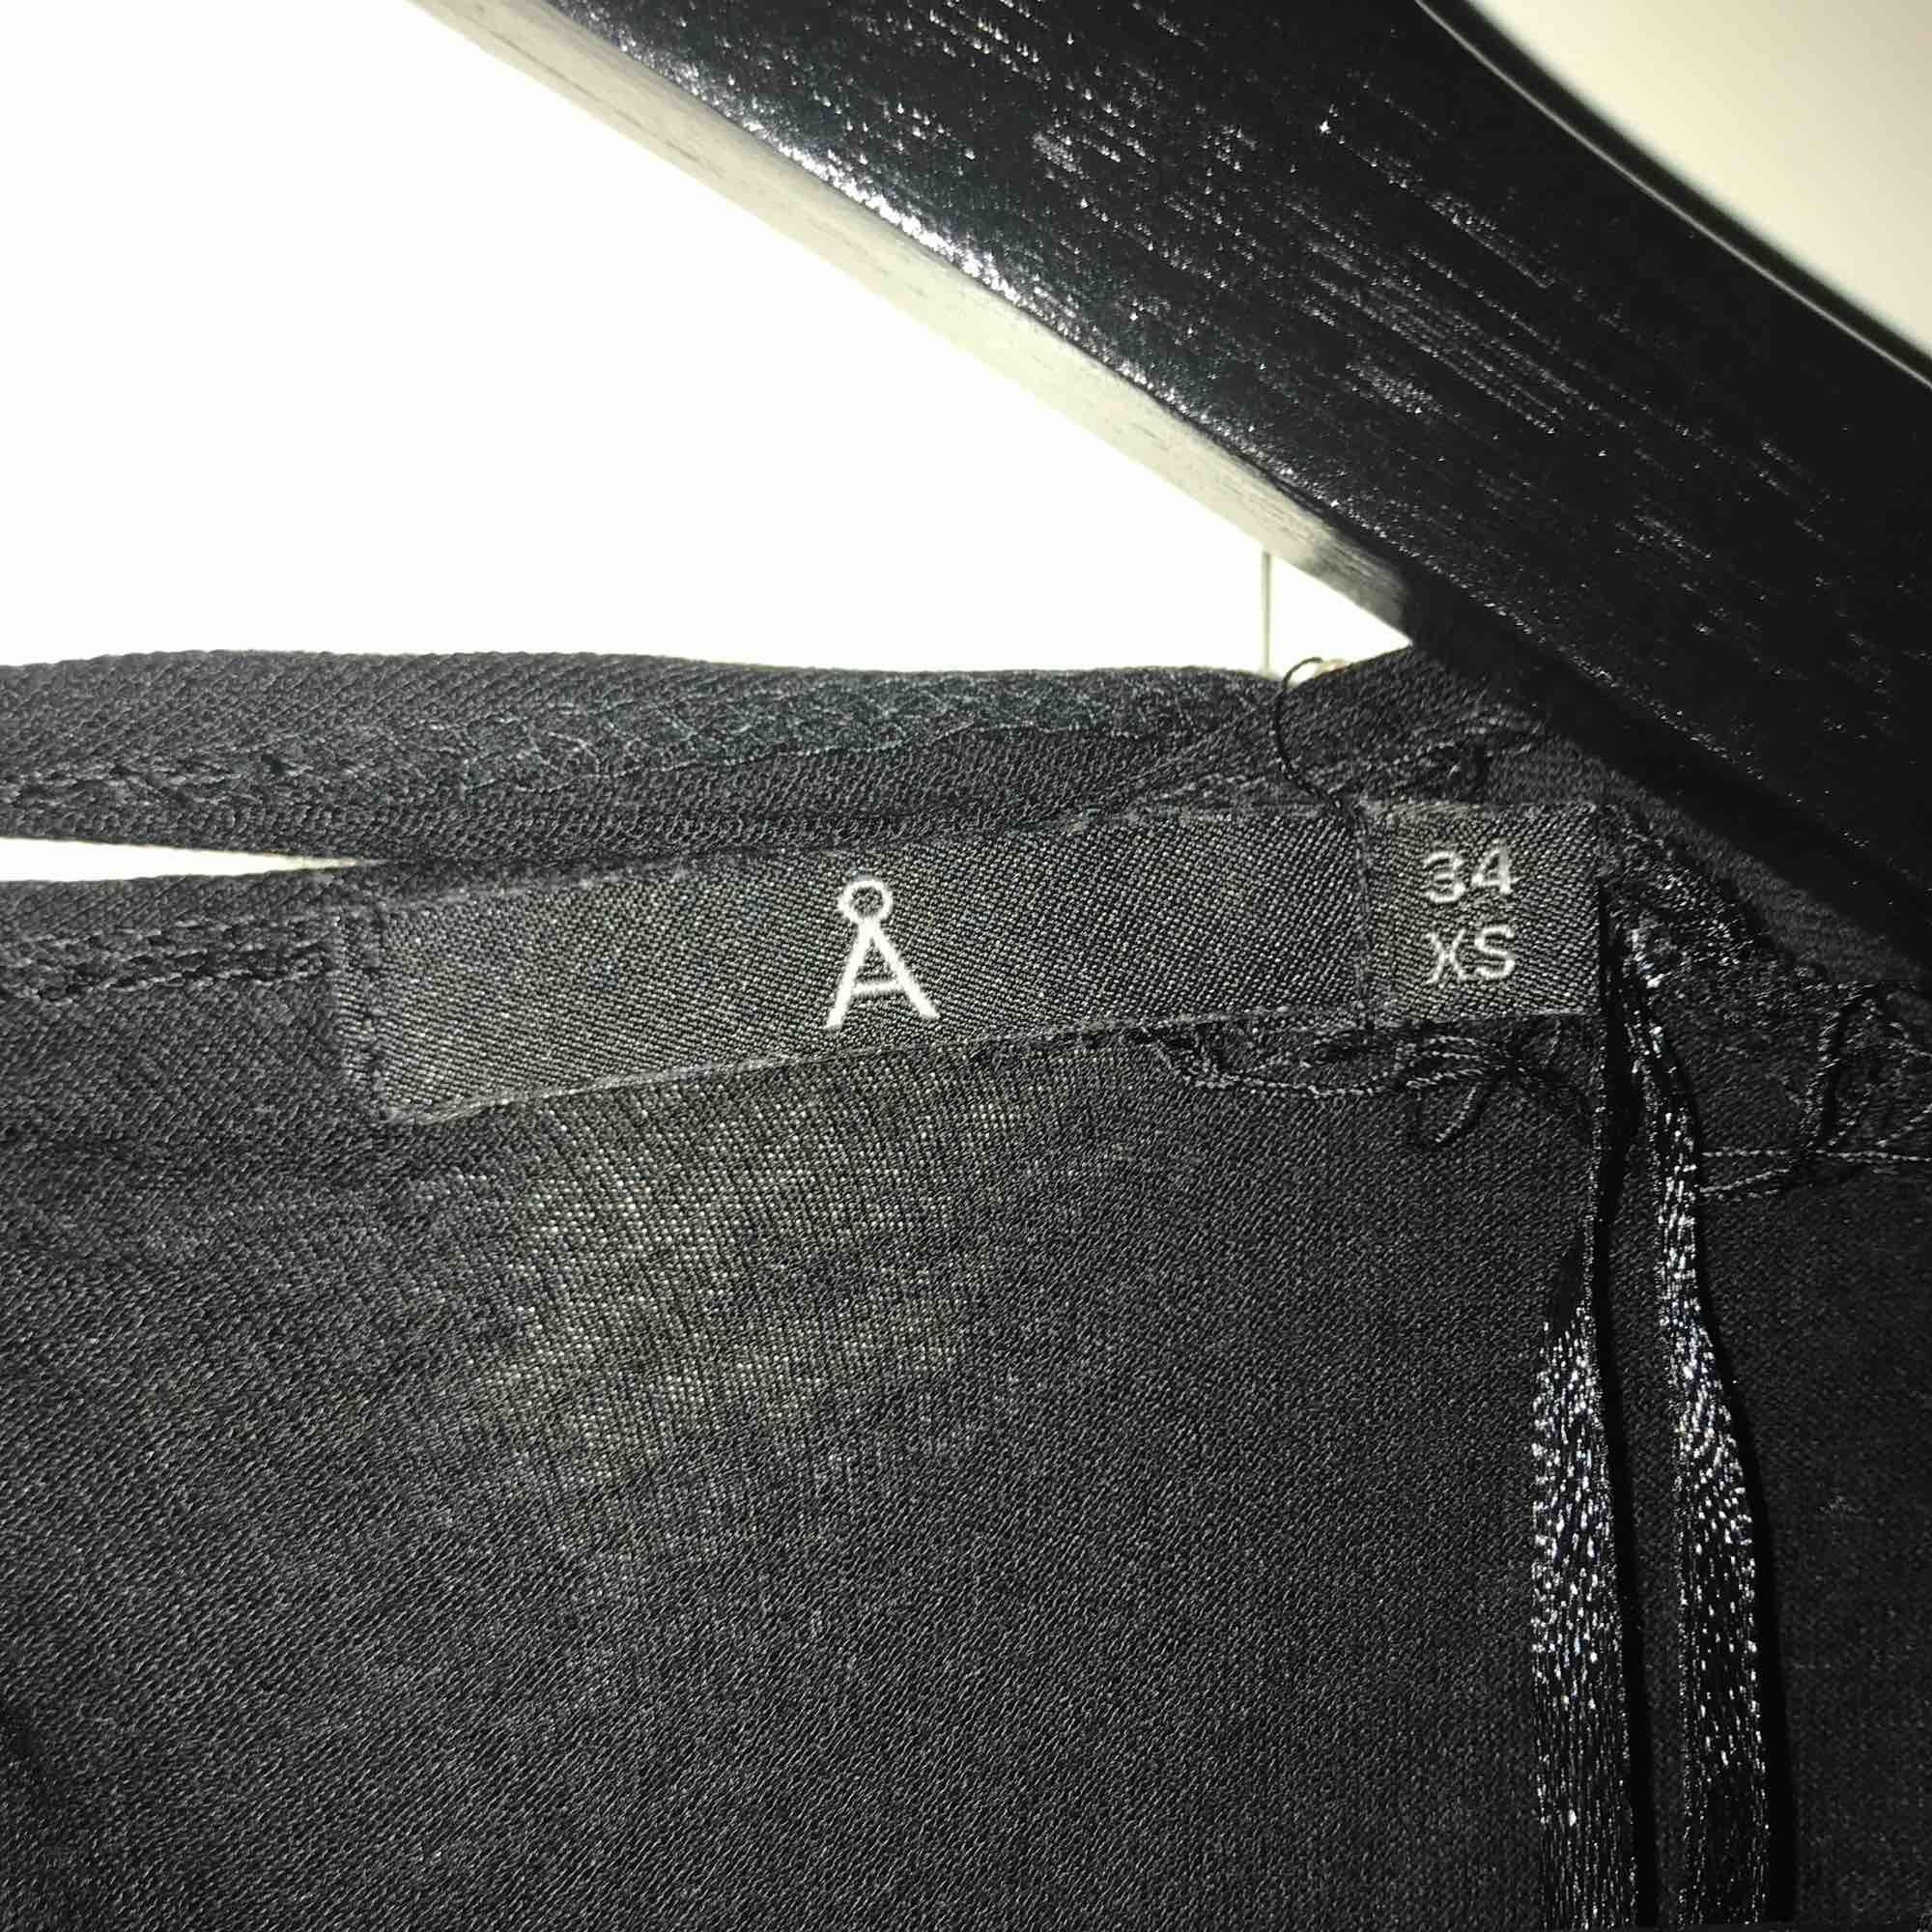 Svart klänning med omlott-rygg i stl. 34/XS från Åhléns. Klänningar.